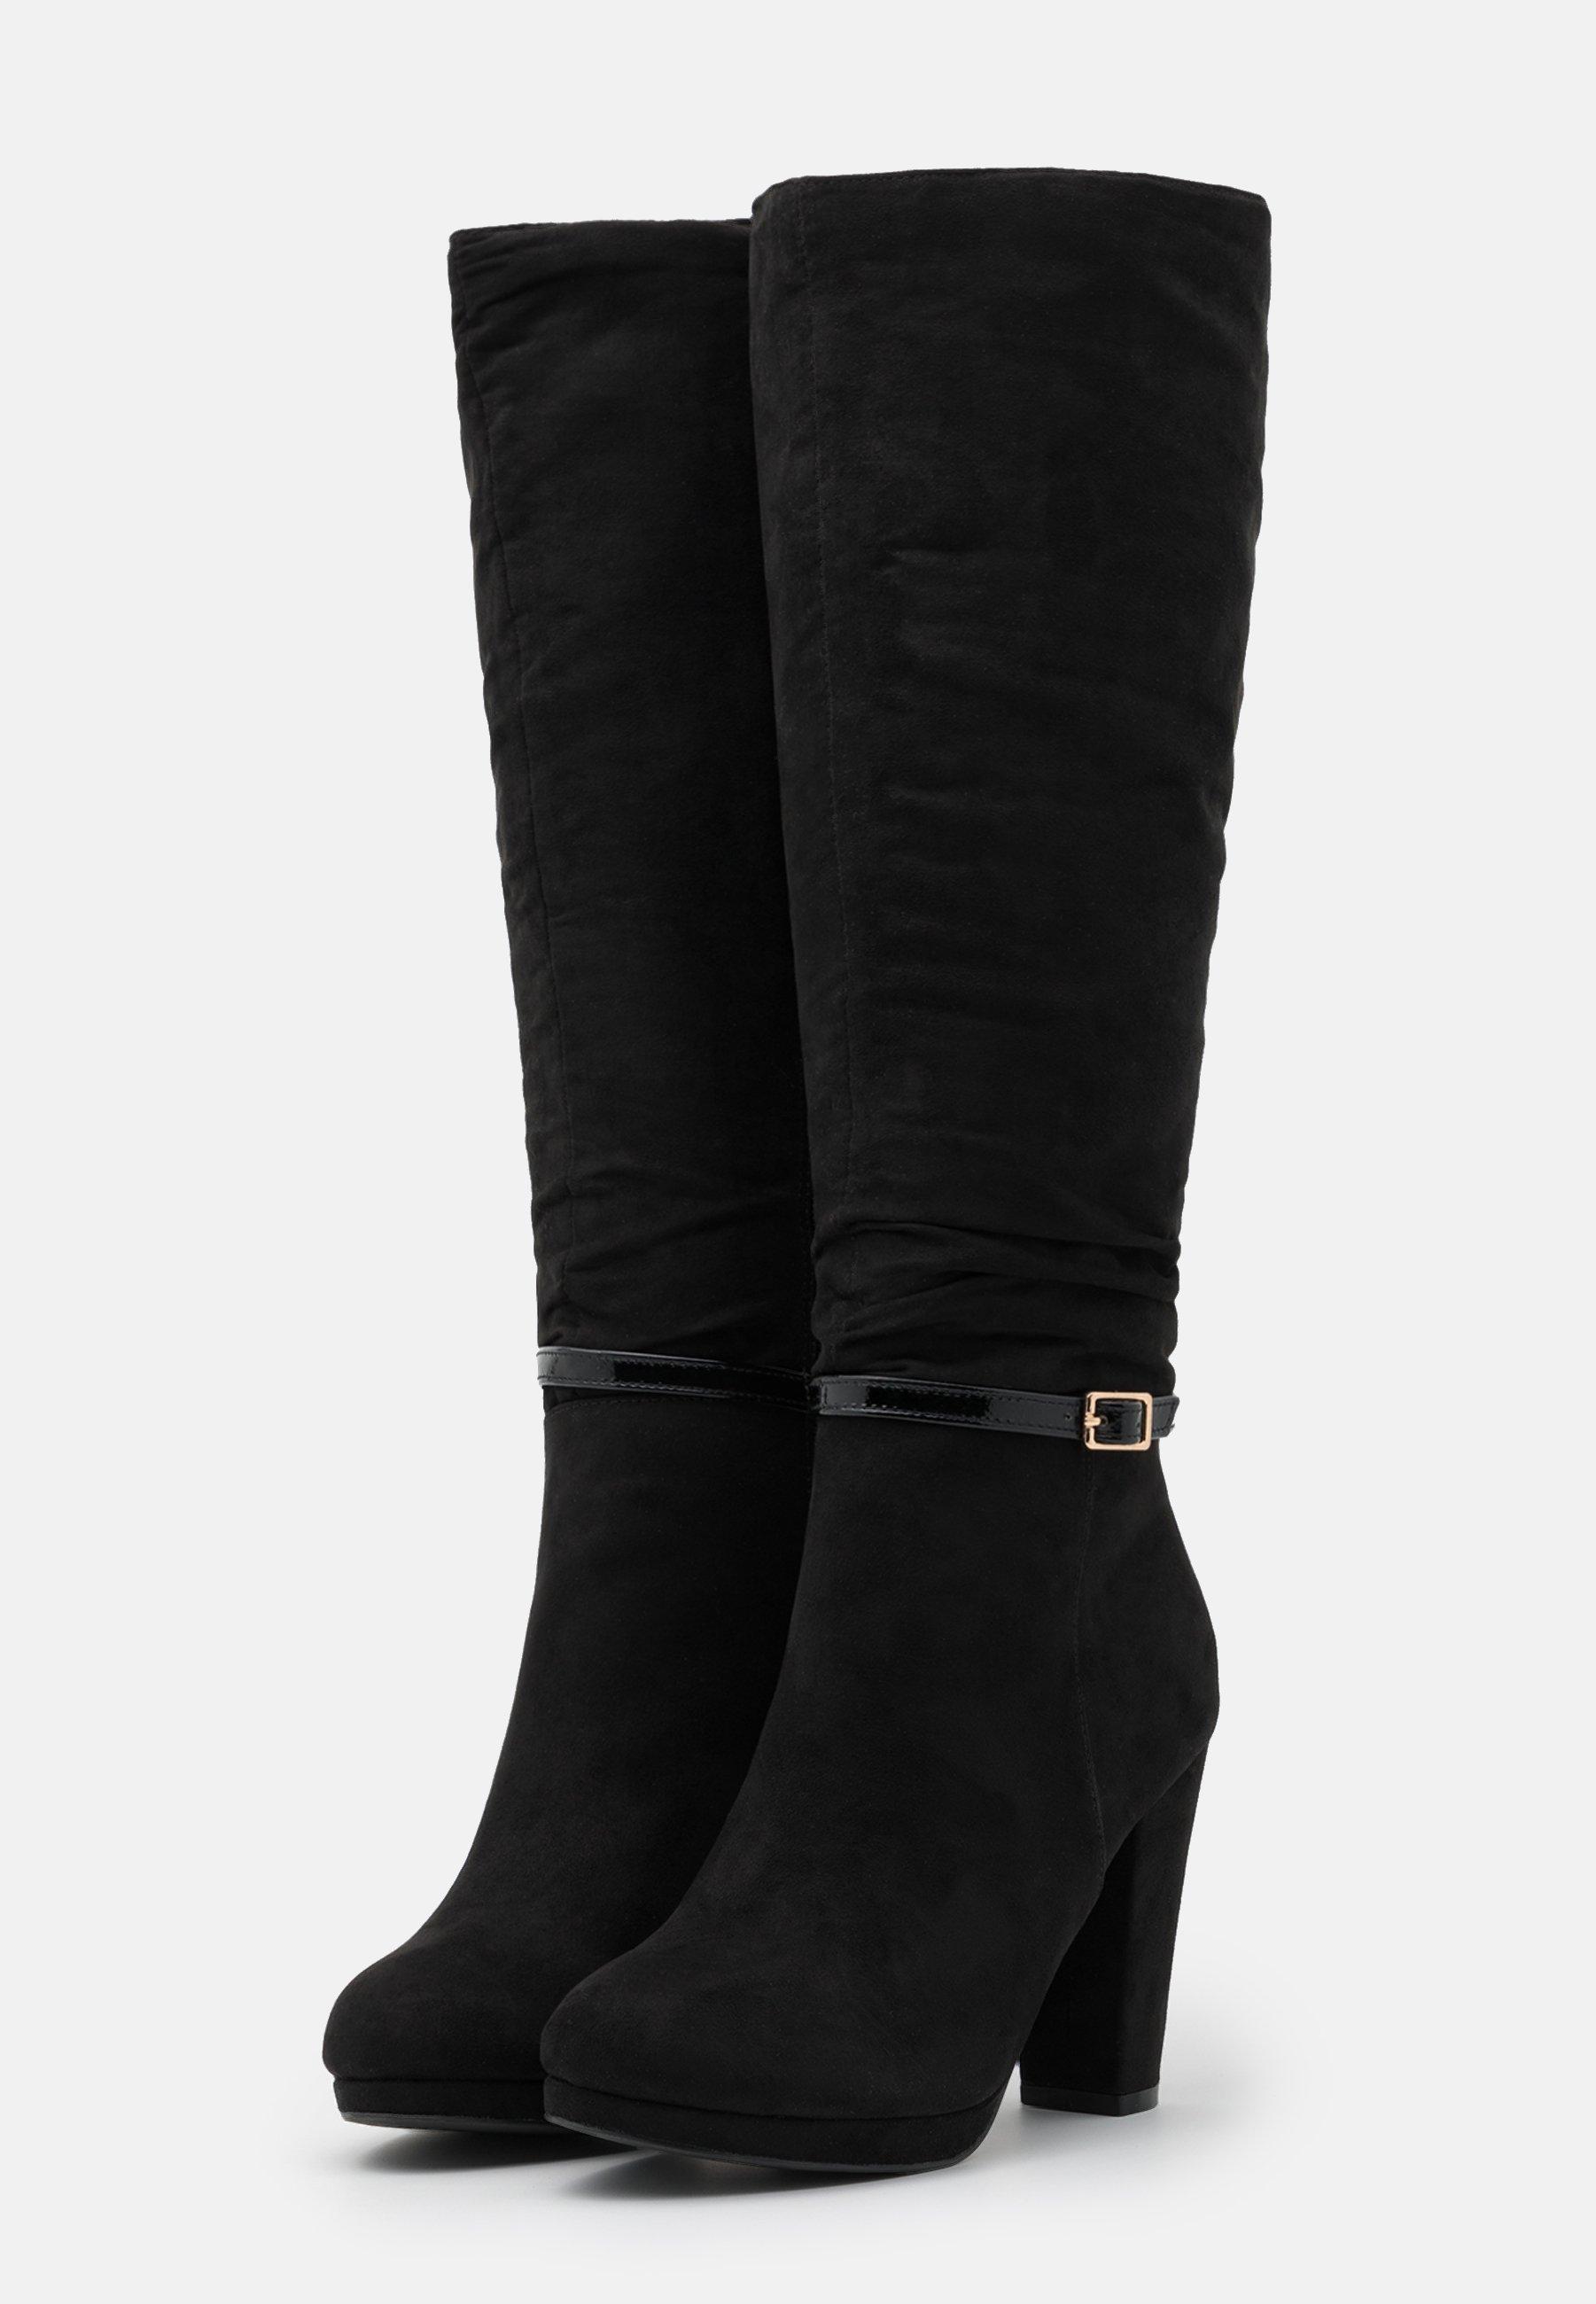 New Look DEENA PLATFORM High Heel Stiefel black/schwarz